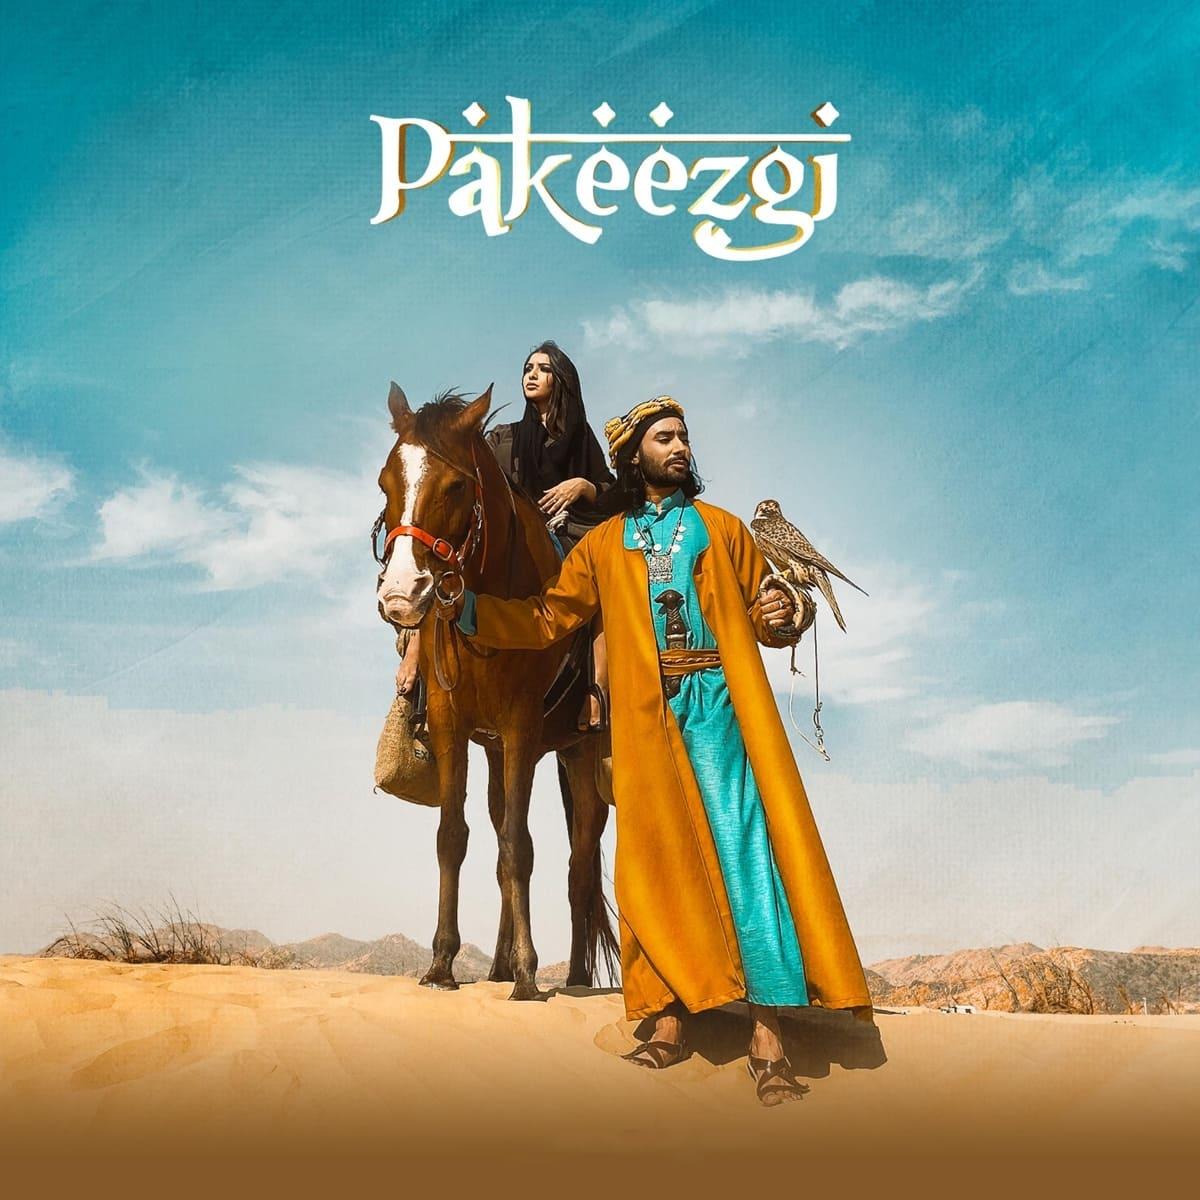 Pakeezgi Mp3 Song Download 320kbps Free